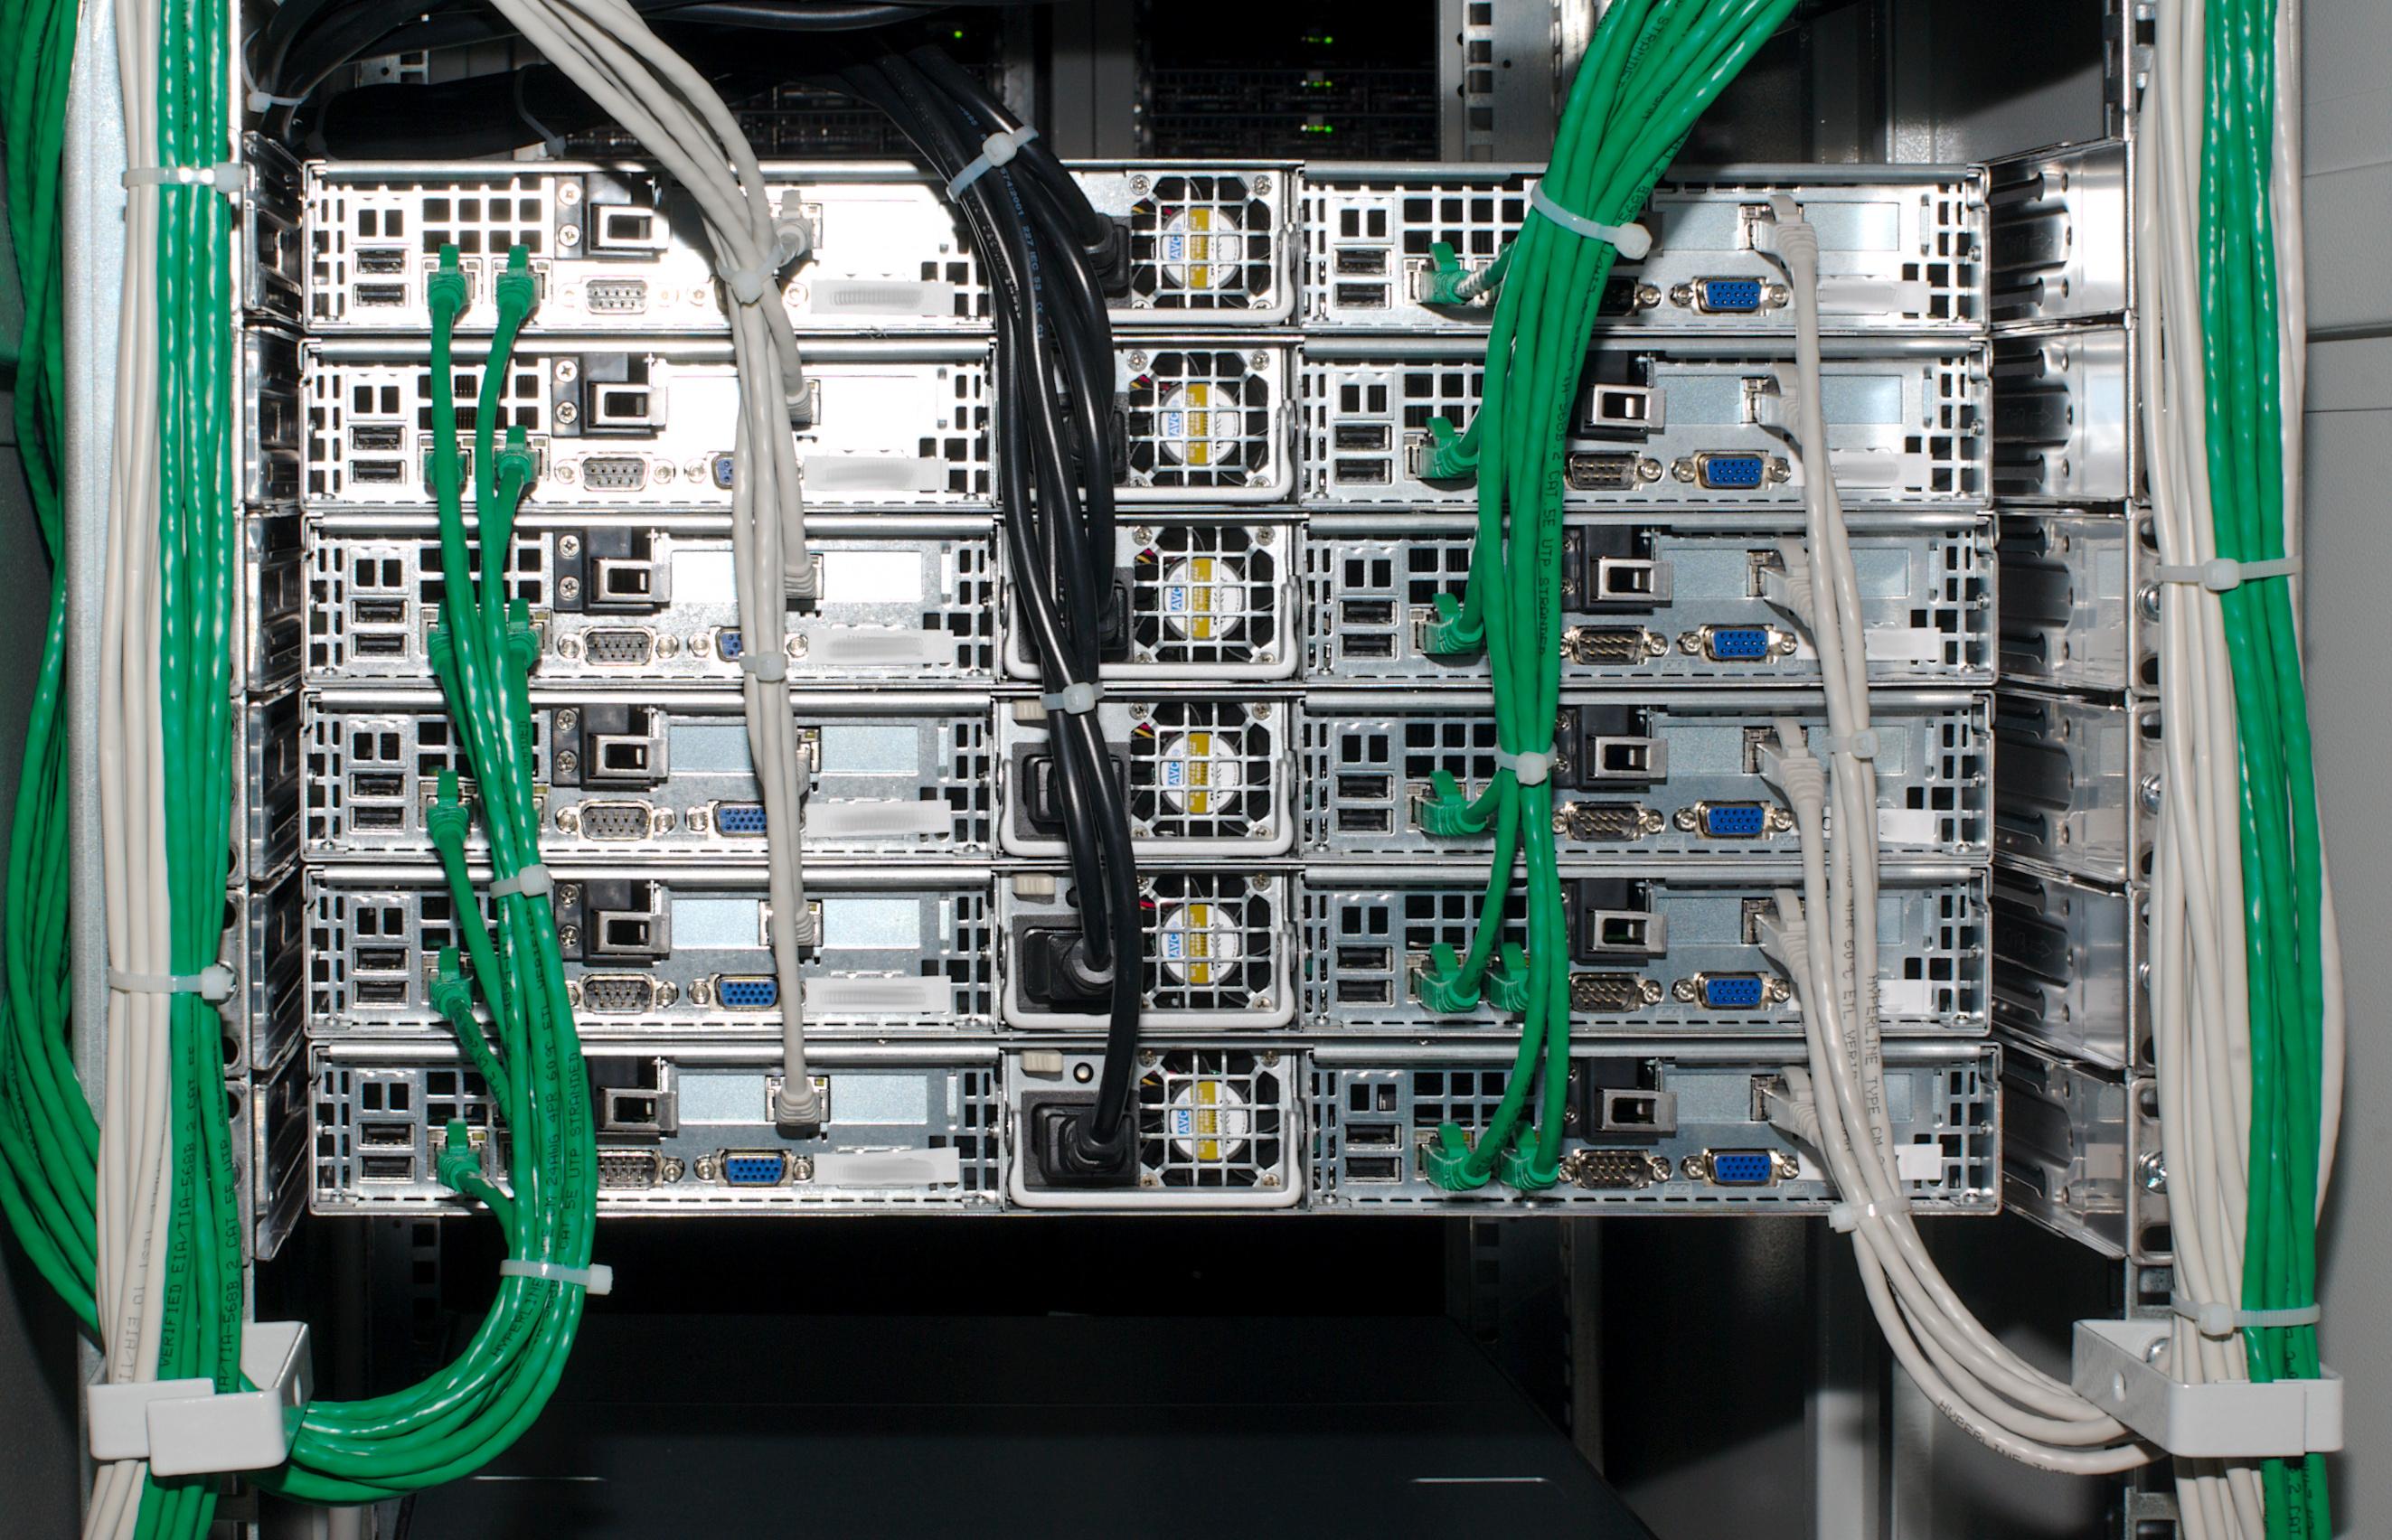 Как сделать красивый сервер фото 830